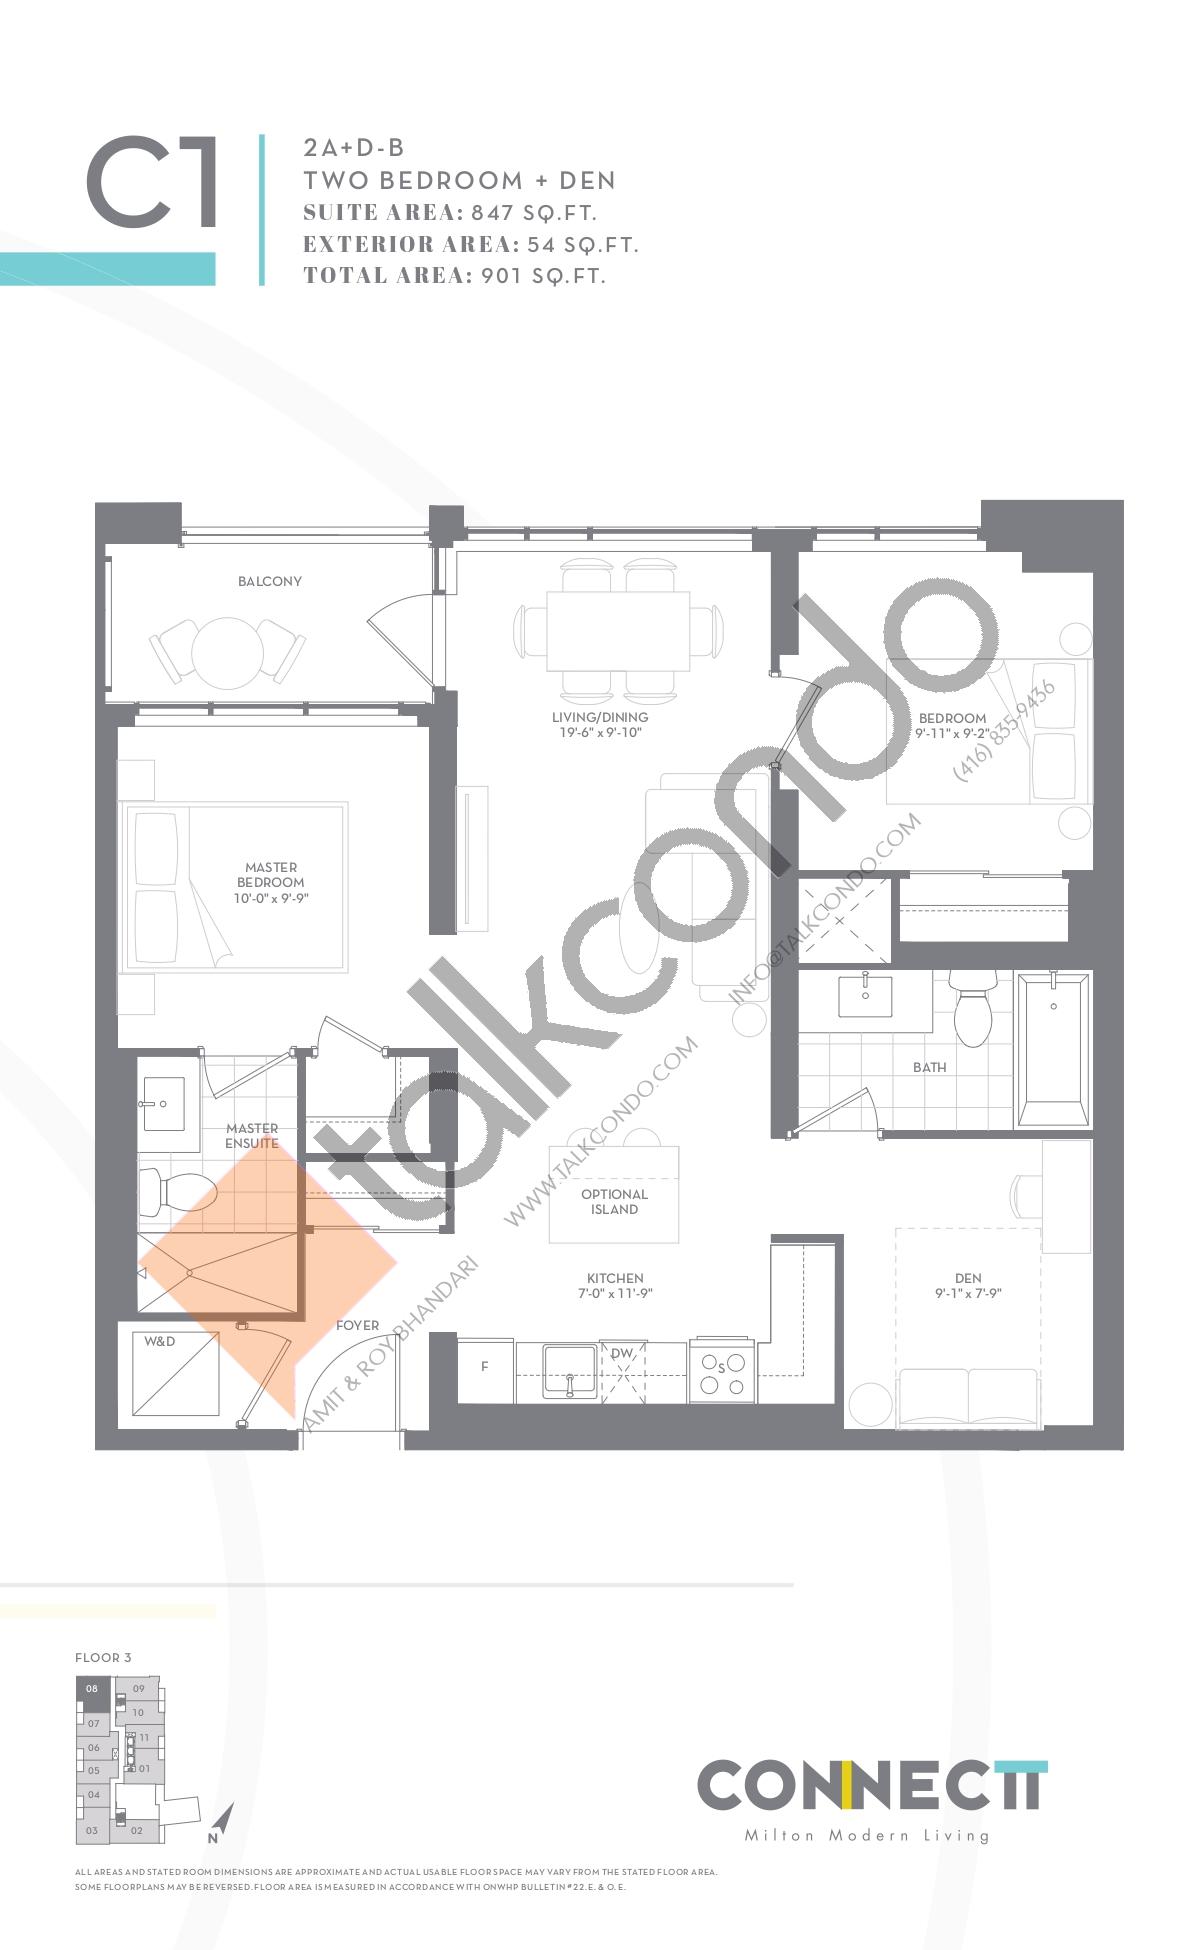 2A+D-B Floor Plan at Connectt Urban Community Condos - 847 sq.ft